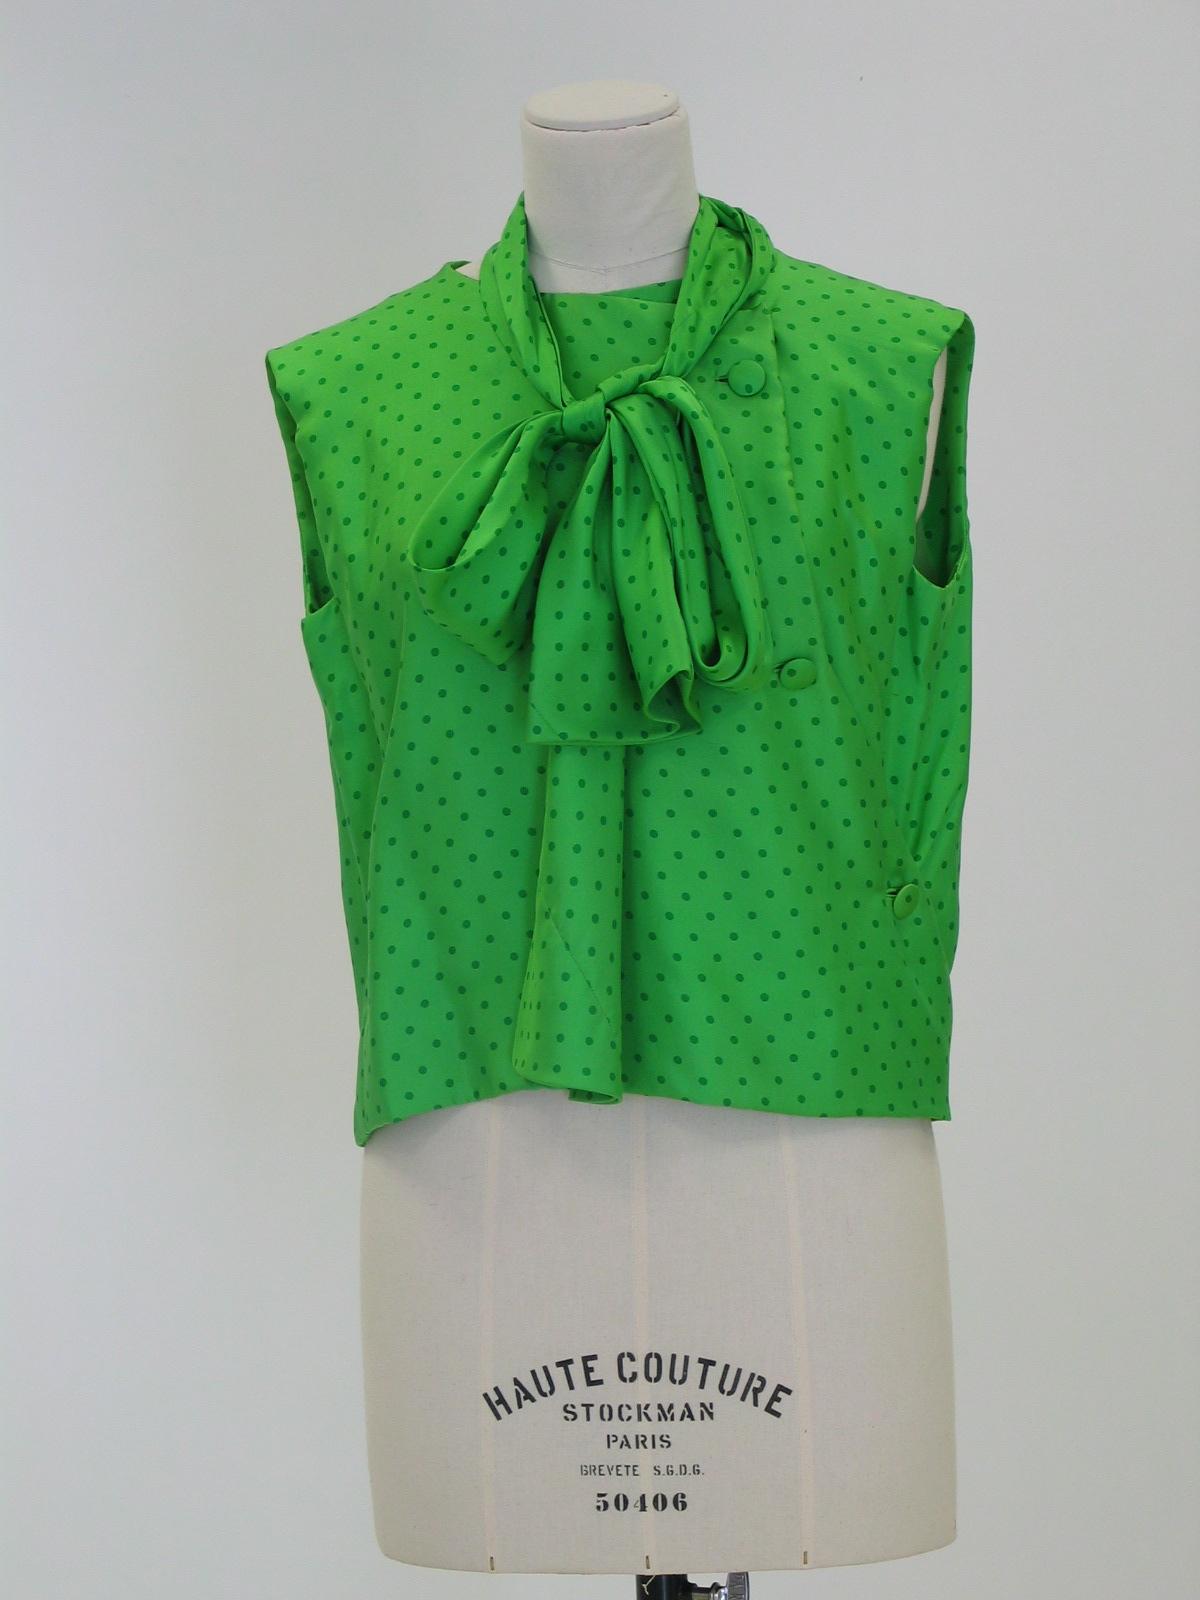 Blusa en  seda verde con topos verdes más oscuros.